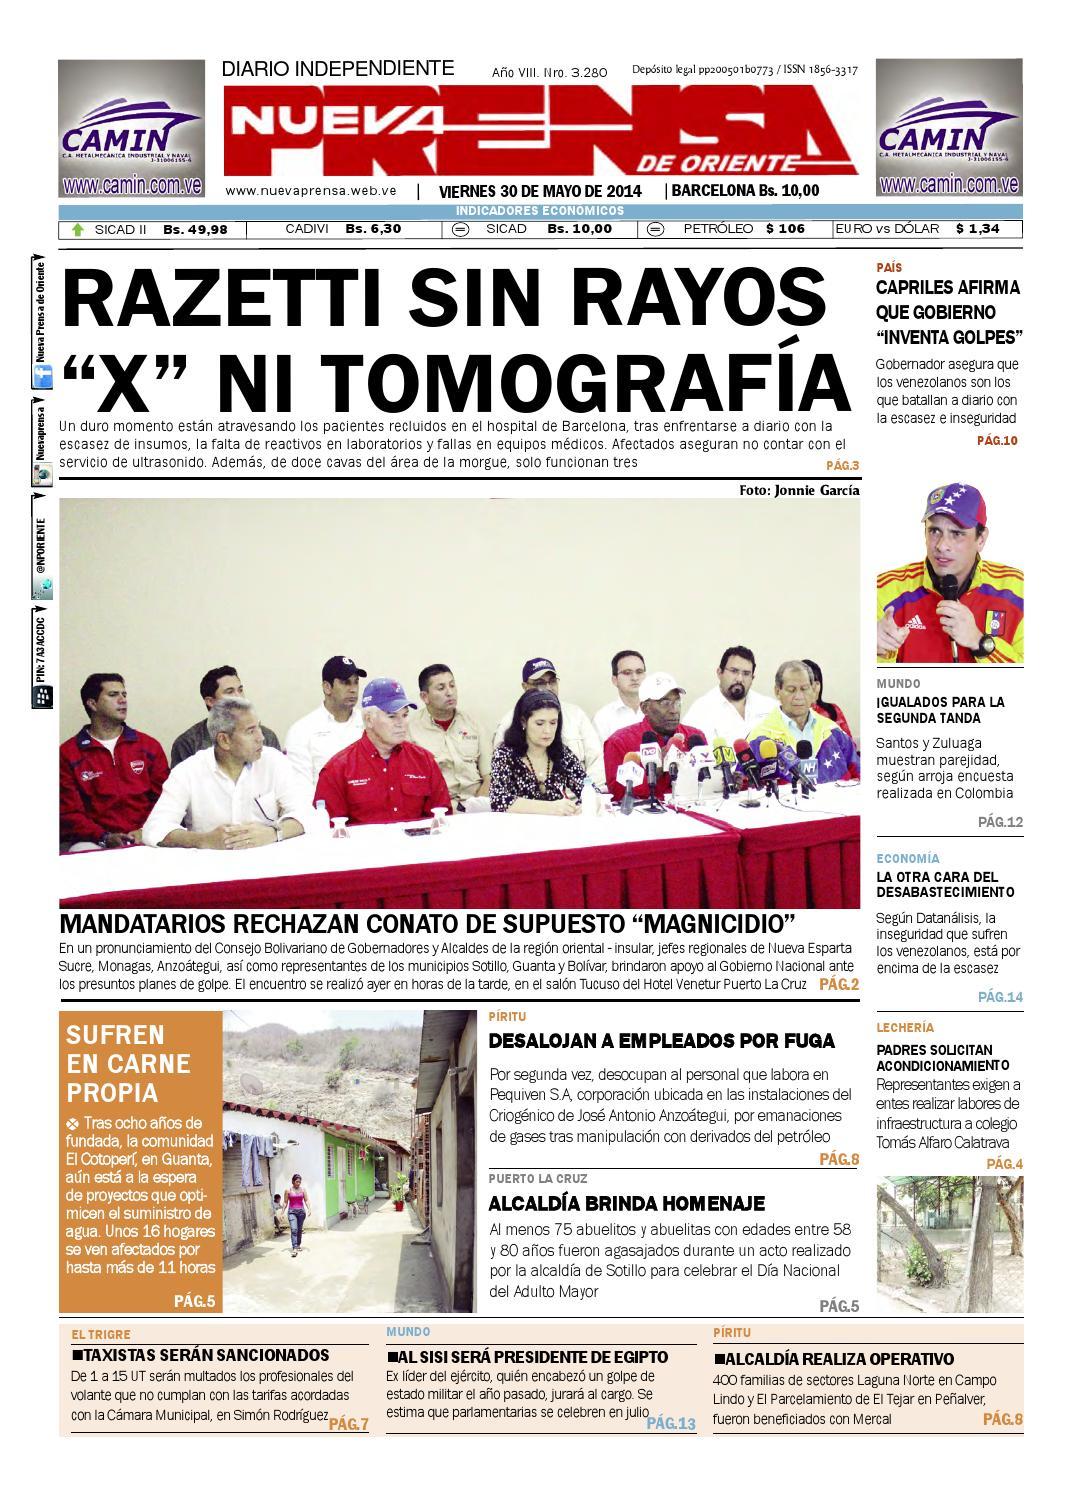 Npo 30 de mayo de 2014 by Nueva Prensa de Oriente - issuu